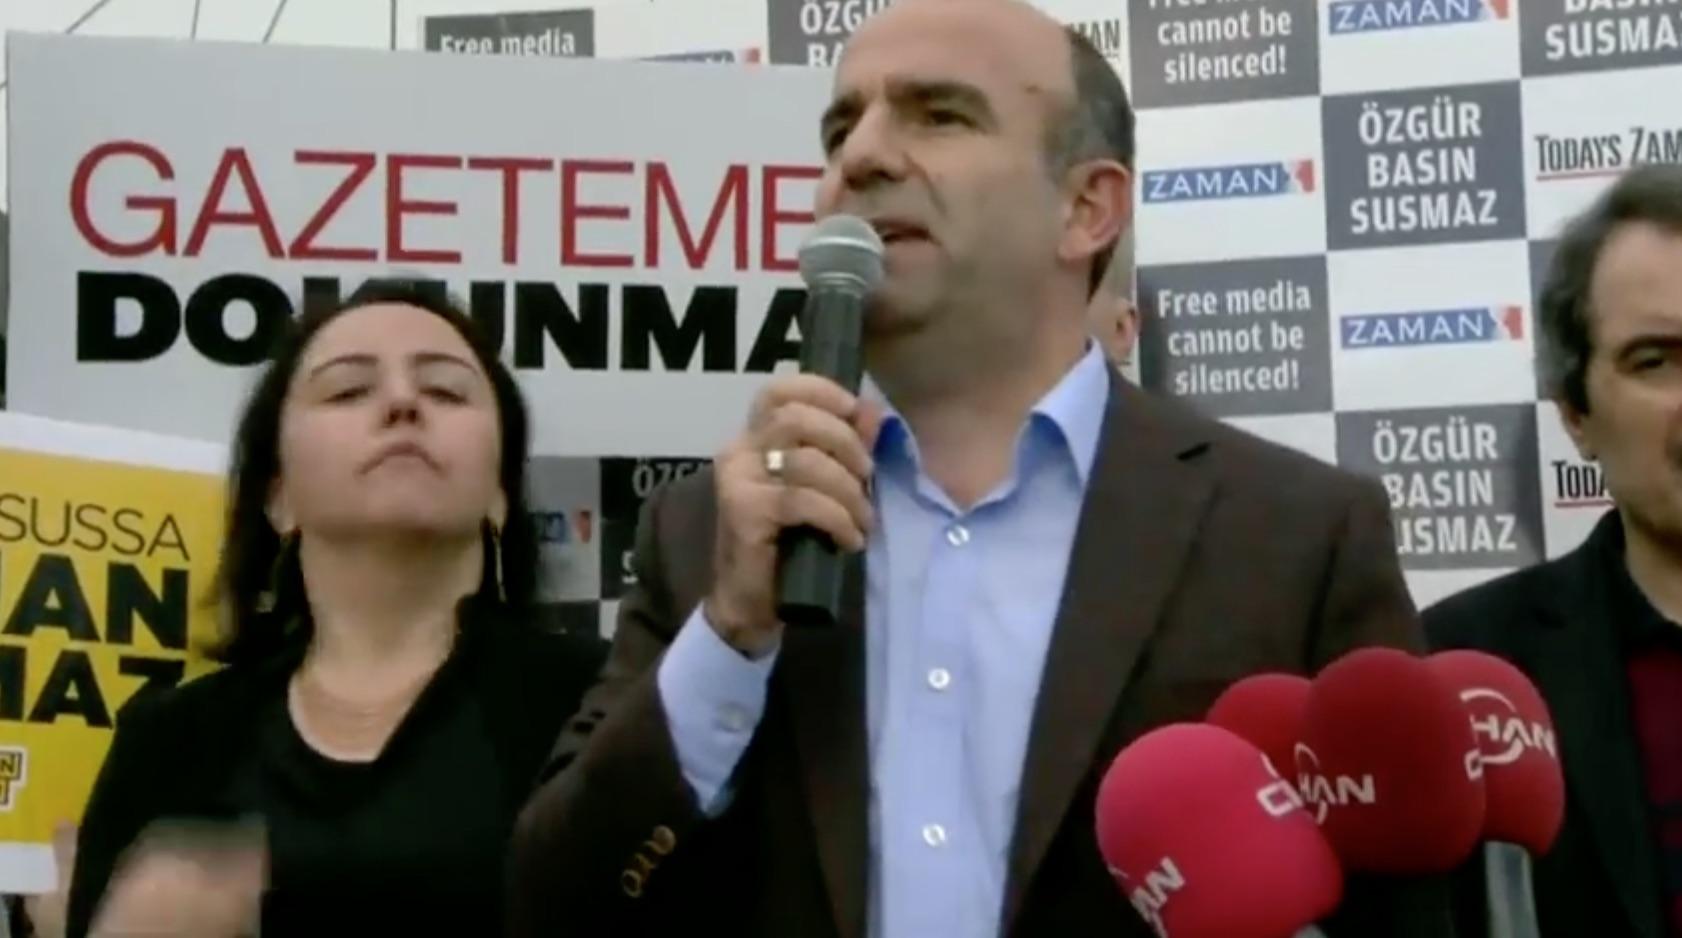 Albdülhamit Bilici: Editor-in-Chief, Zaman